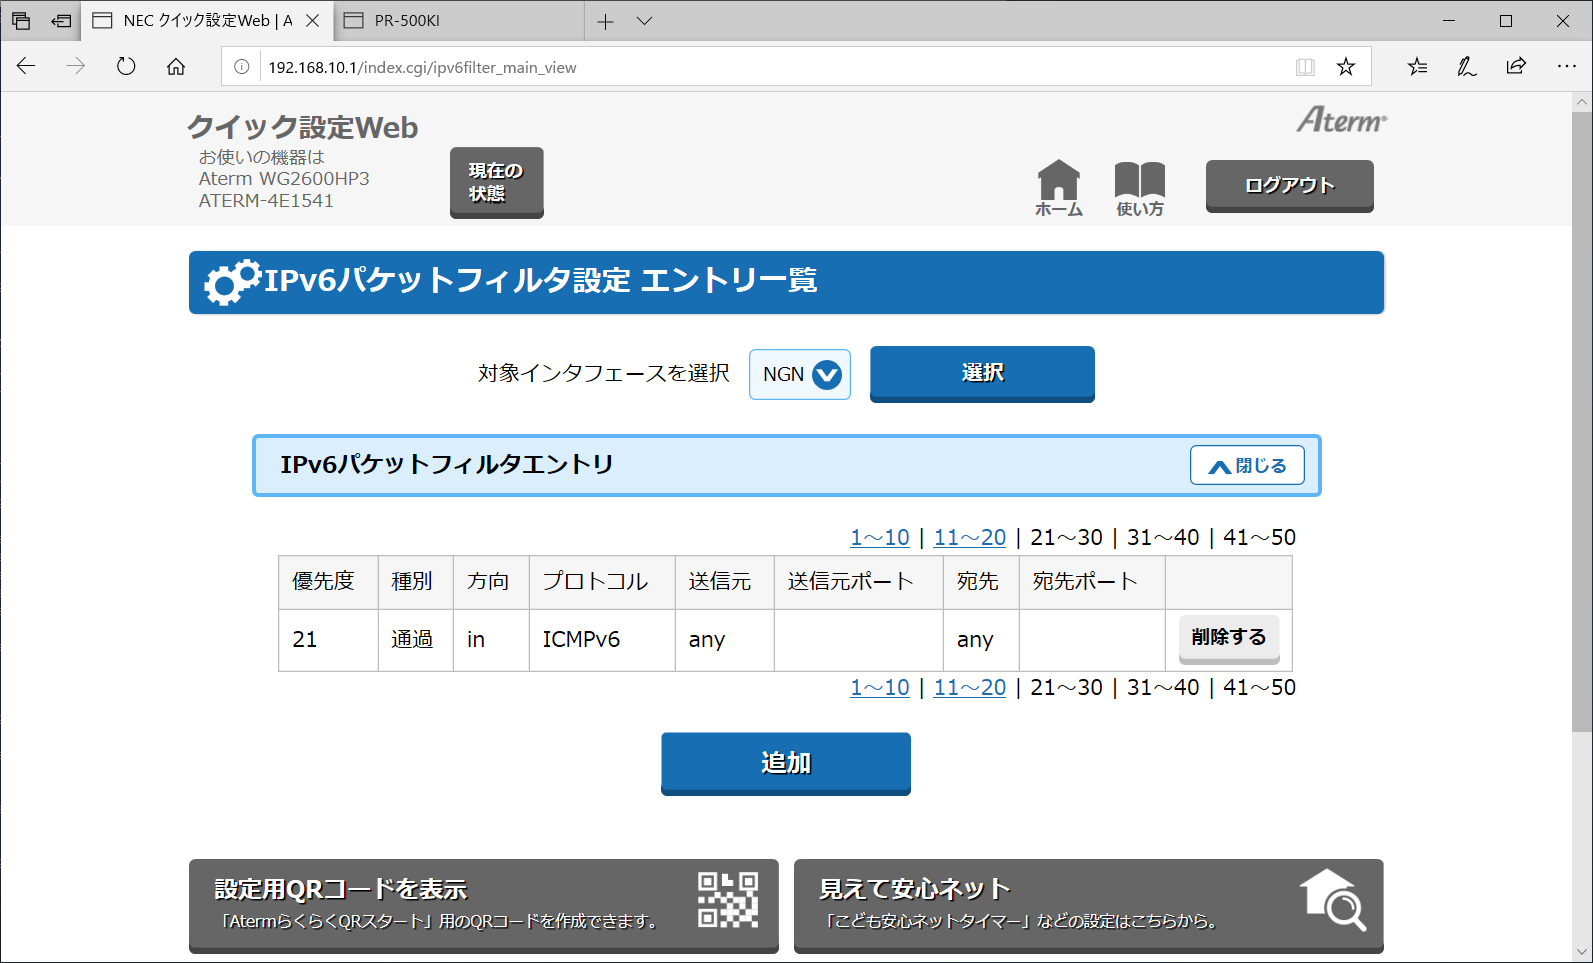 IPv6パケットフィルタ設定で、「NGN」インターフェースにICMPv6を通過させるエントリを追加